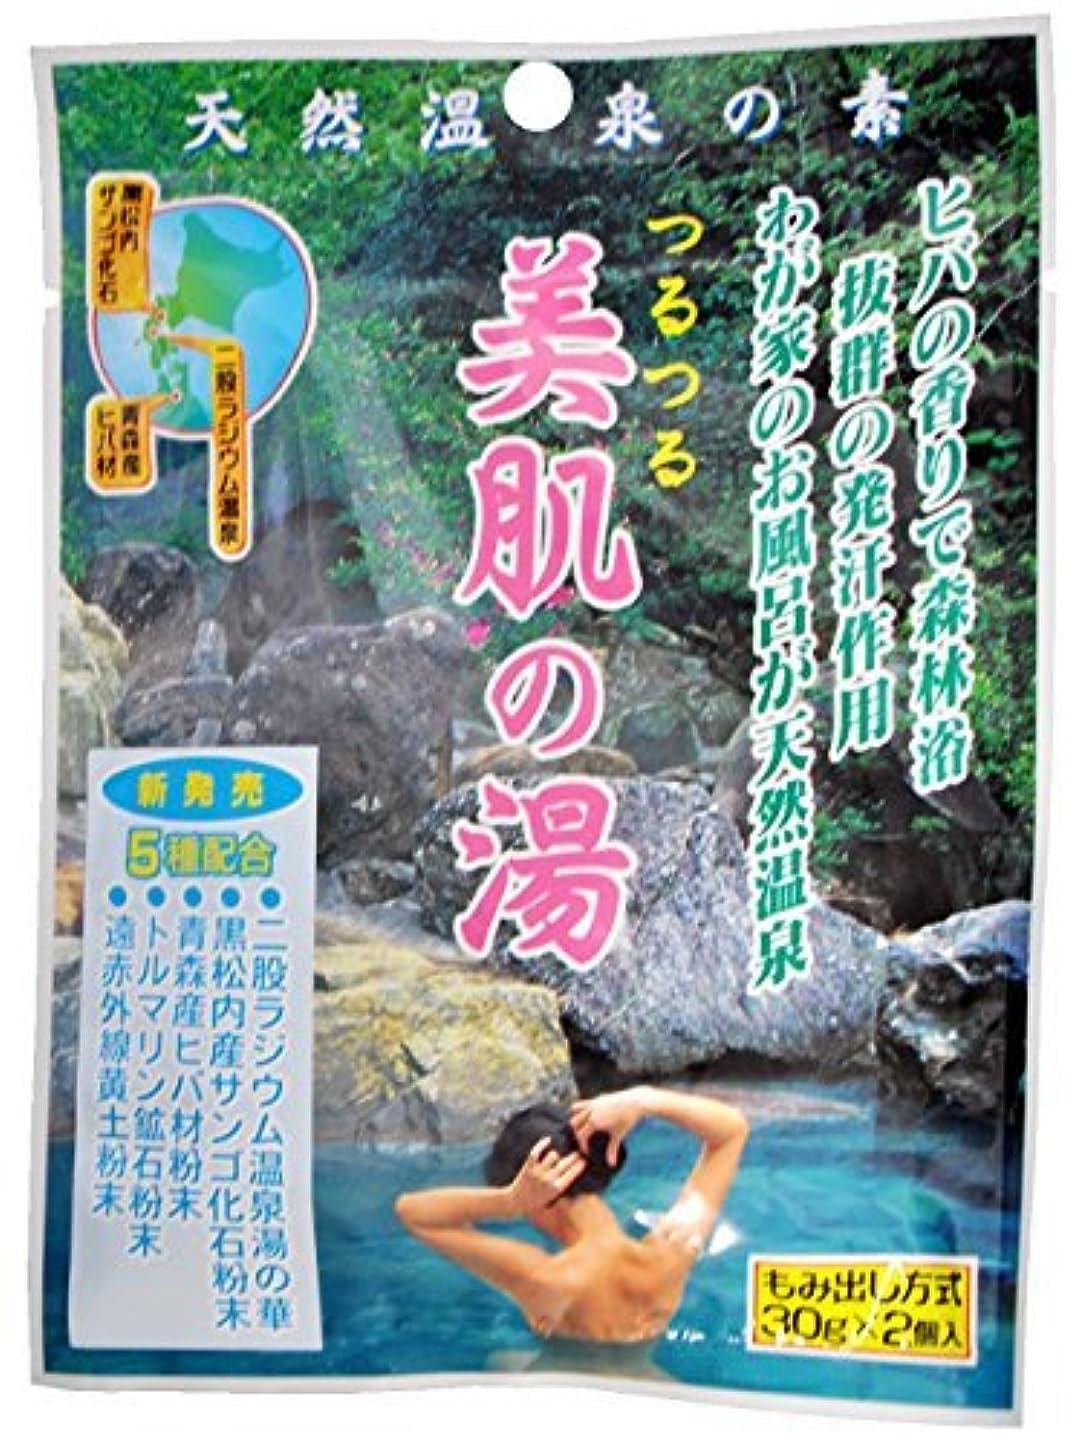 儀式不信配る【まとめ買い】天然成分入浴剤 つるつる 美肌の湯 2袋入 二股ラジウム温泉の湯の華 ×50個